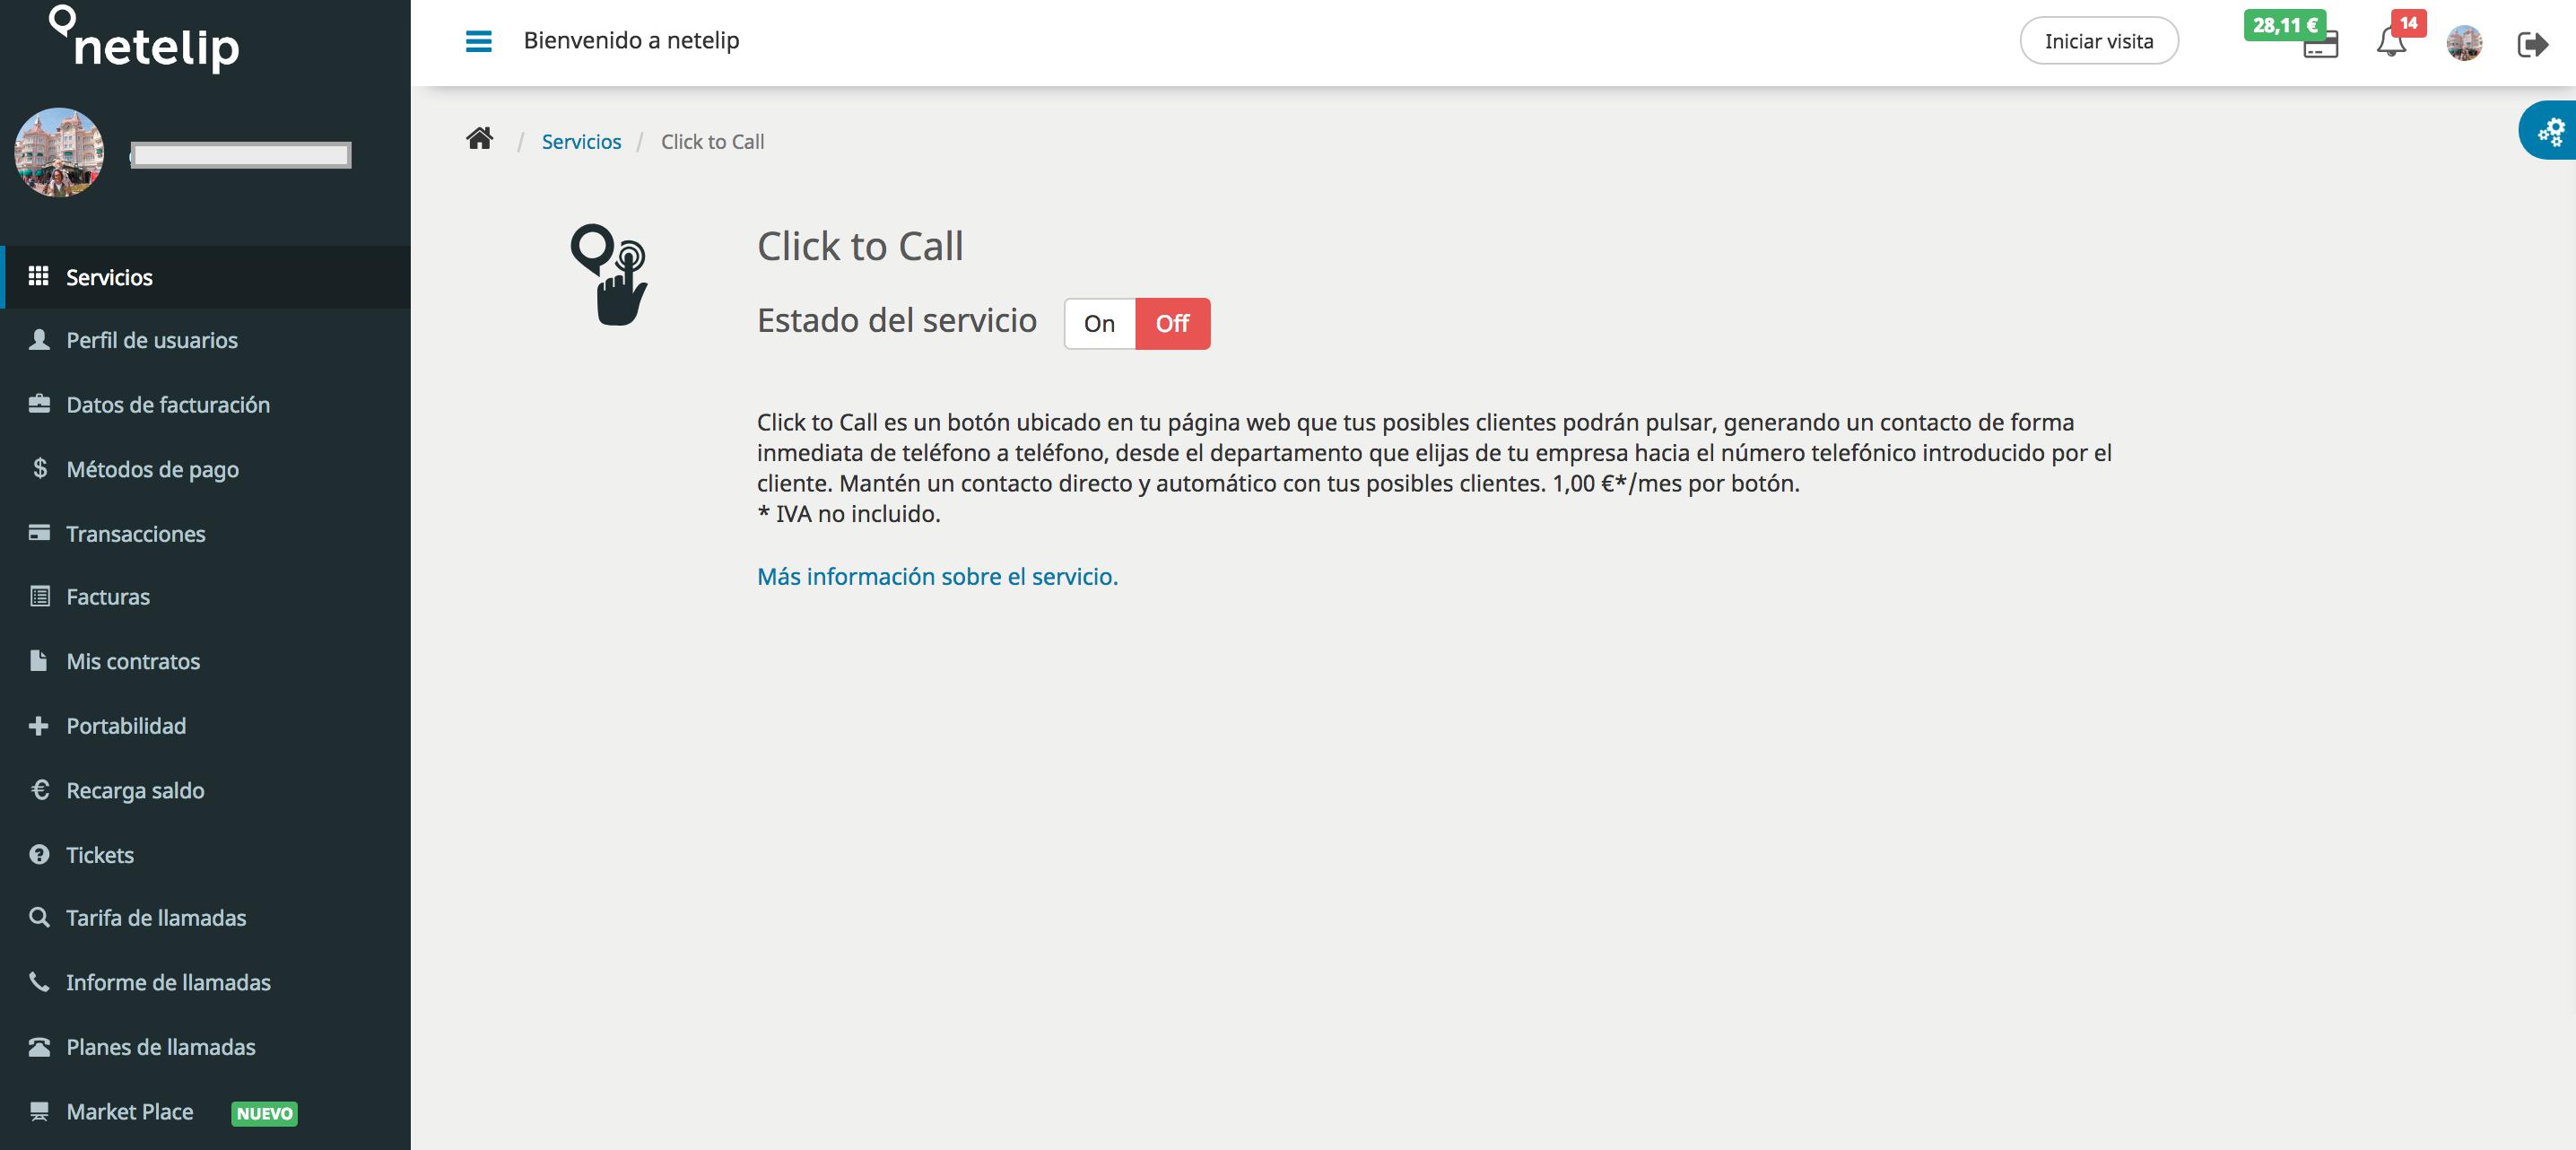 Click to Call en netelip